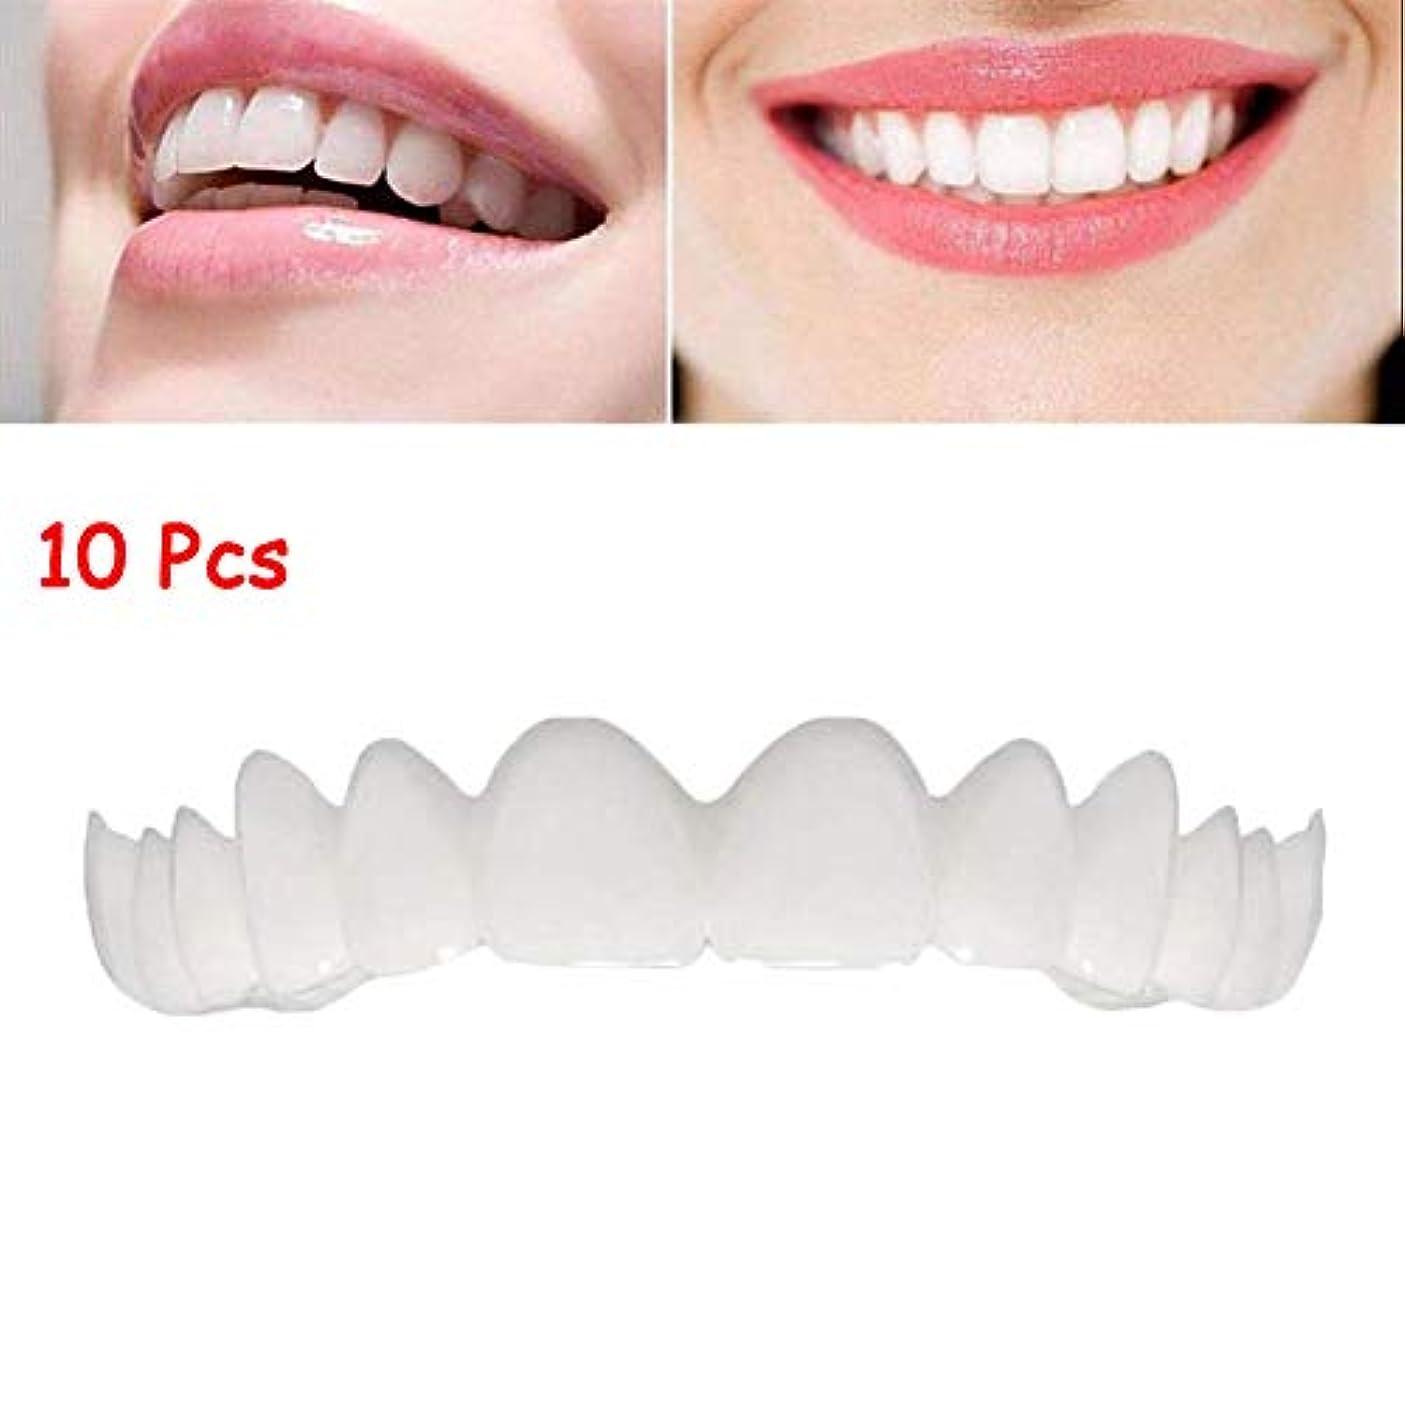 オアシスアルコーブ中毒10本の一時的な化粧品の歯義歯歯の化粧品模擬装具アッパーブレースホワイトニング歯スナップキャップインスタント快適なフレックスパーフェクトベニア